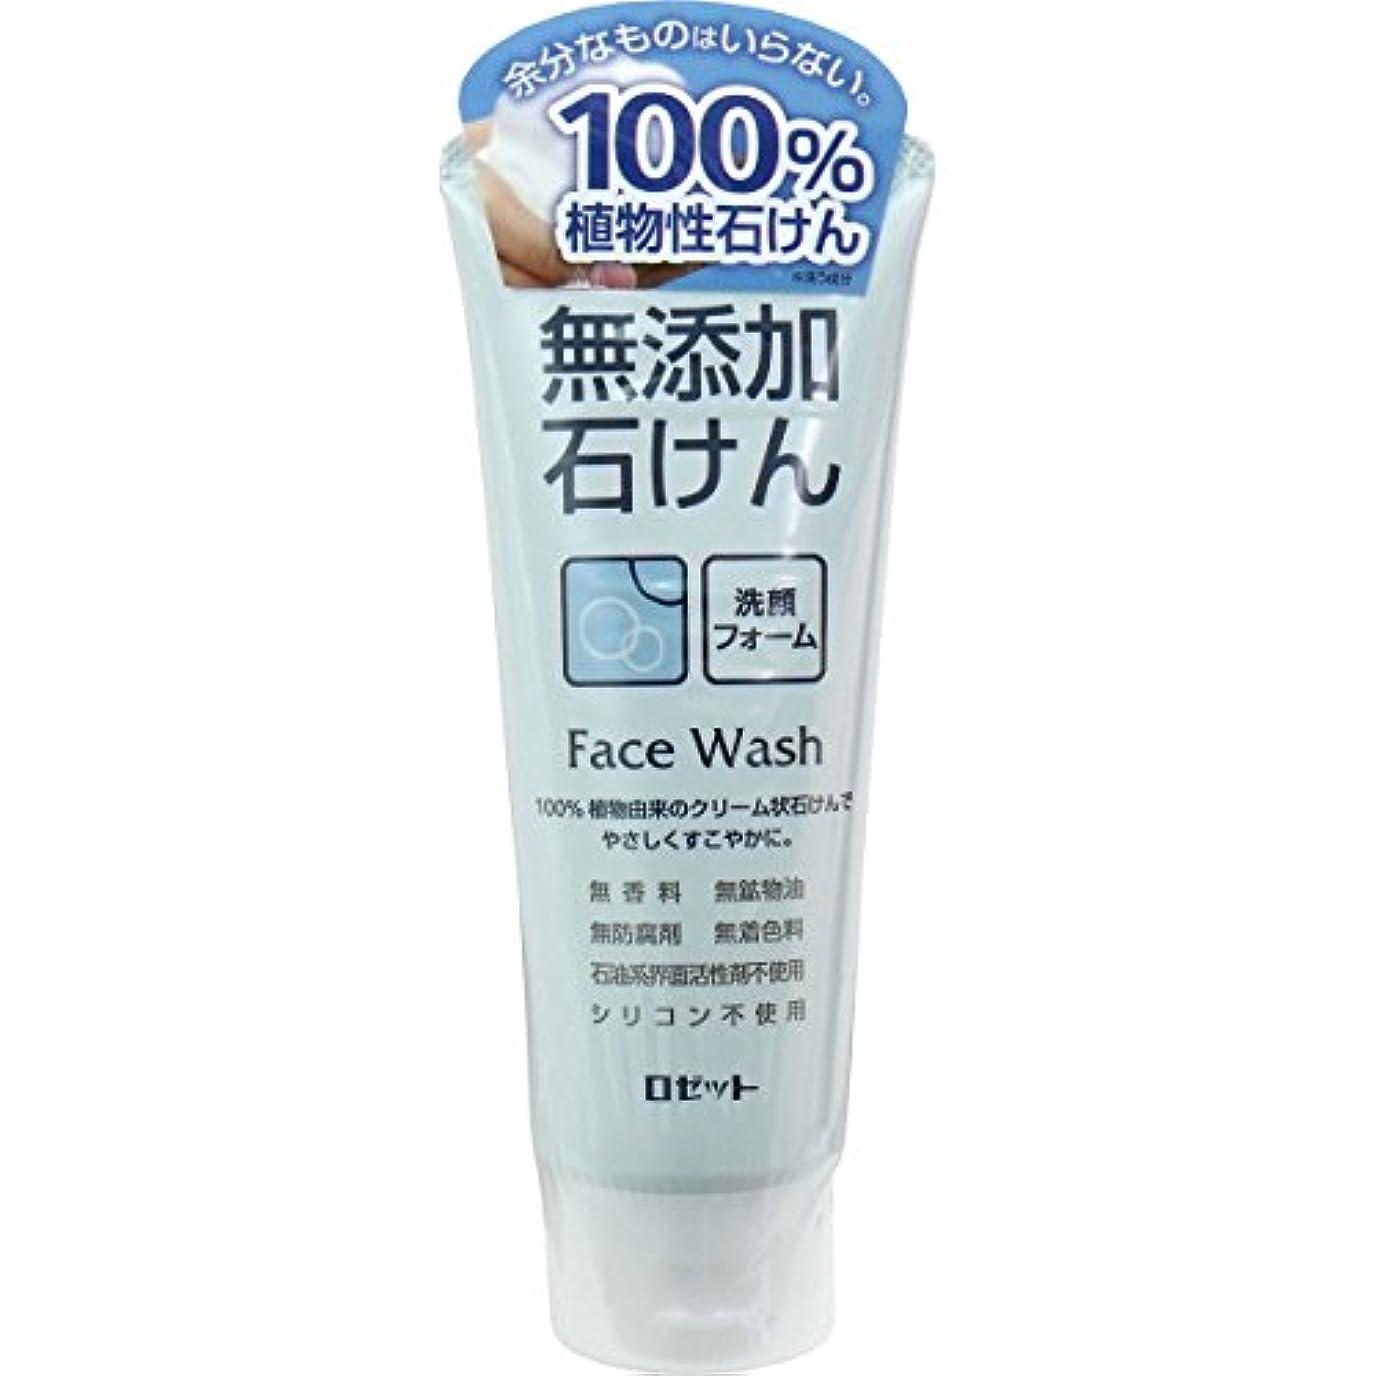 寛容なリーフレットトピック【ロゼット】無添加石けん 洗顔フォーム 140g ×20個セット